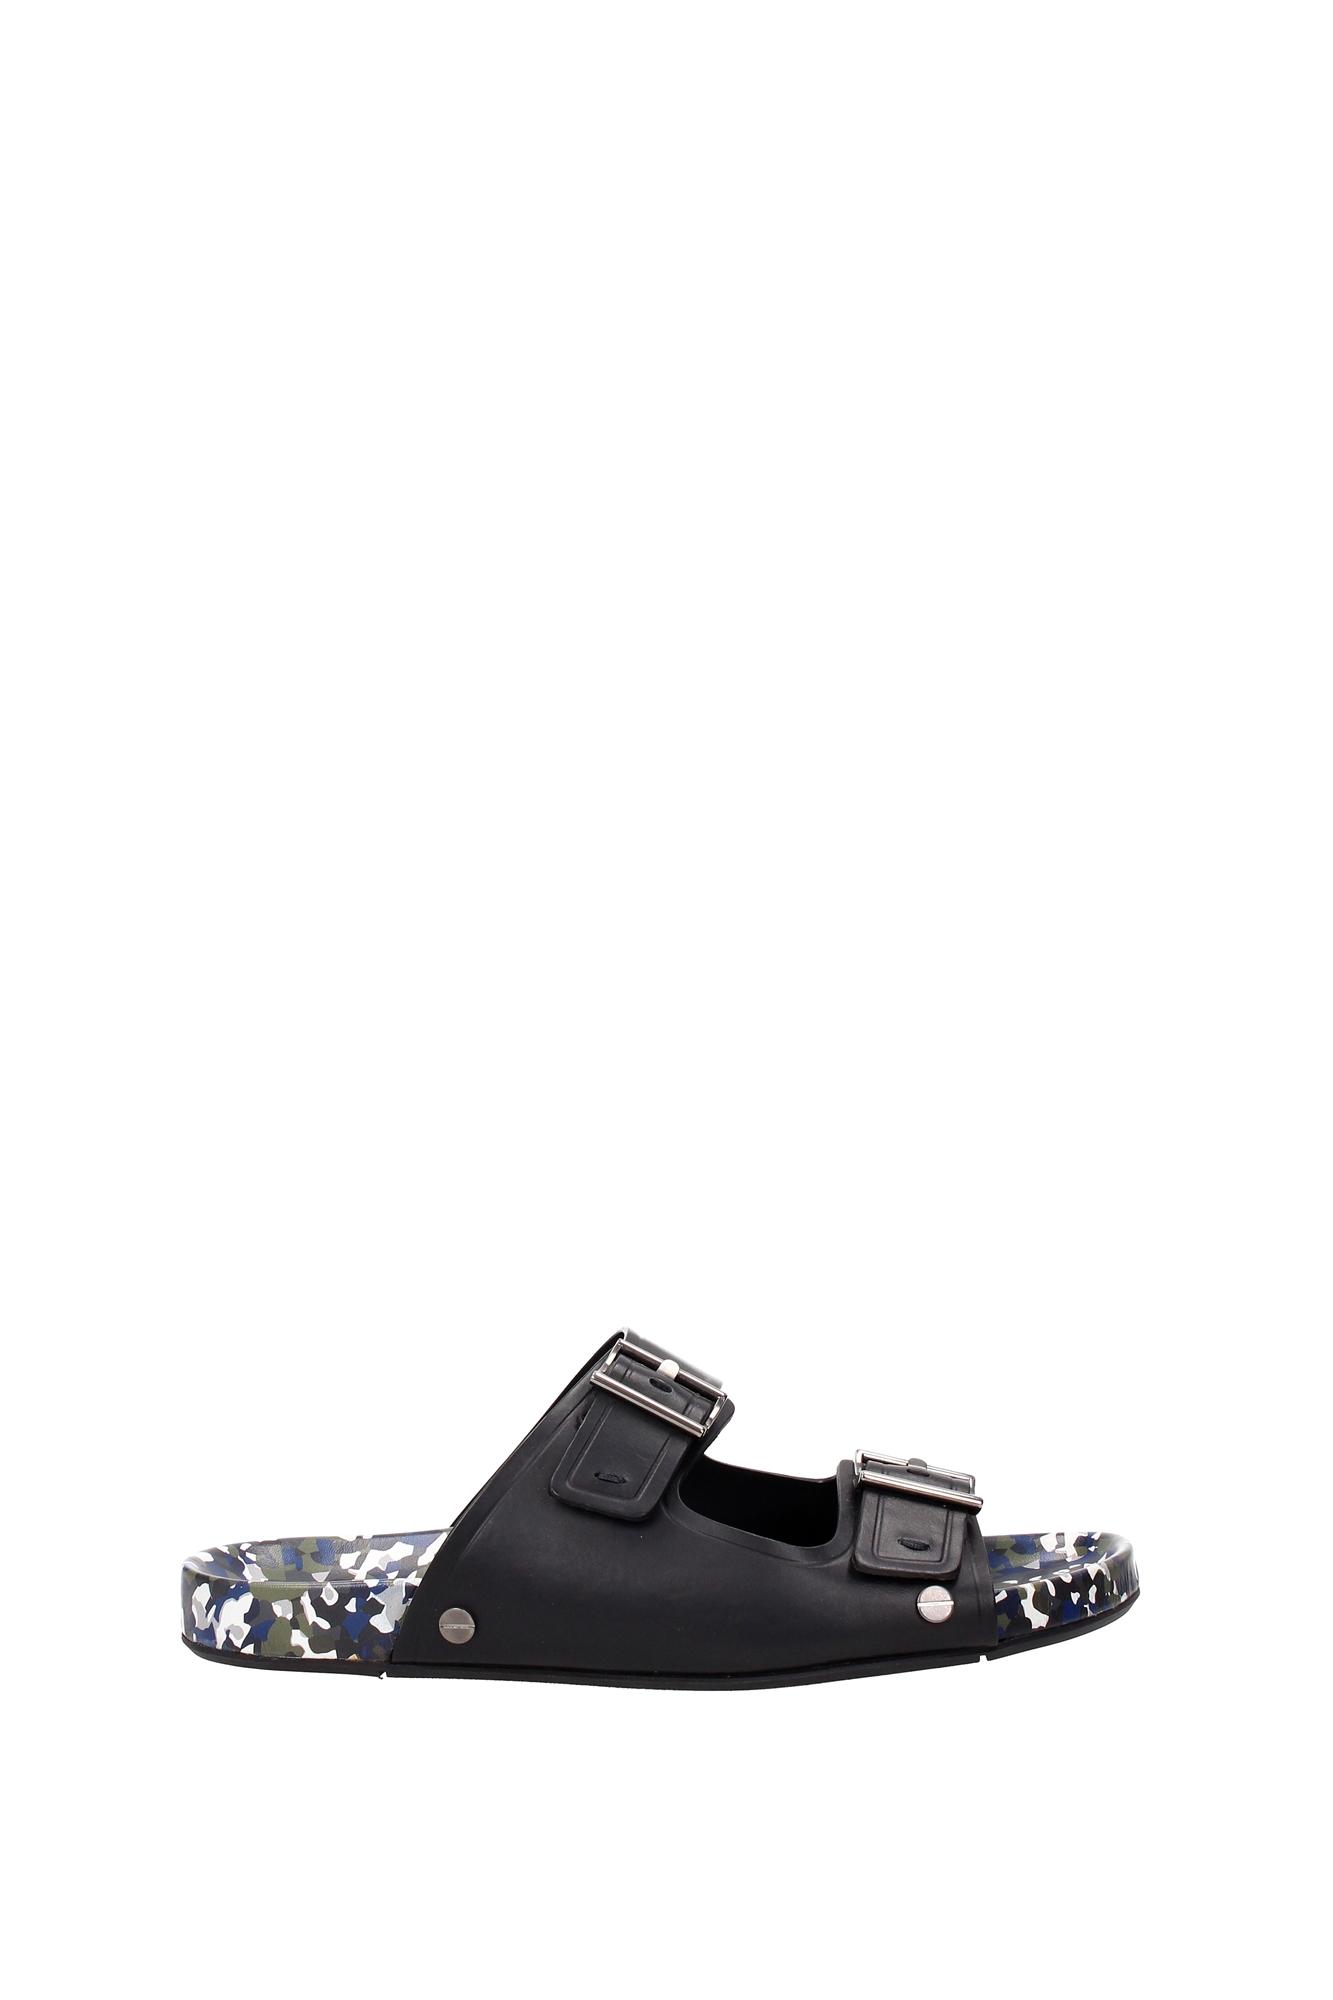 Sandali e scarpe per il mare da uomo Sandali Fendi Uomo -  (7X09486V3F01PZ)